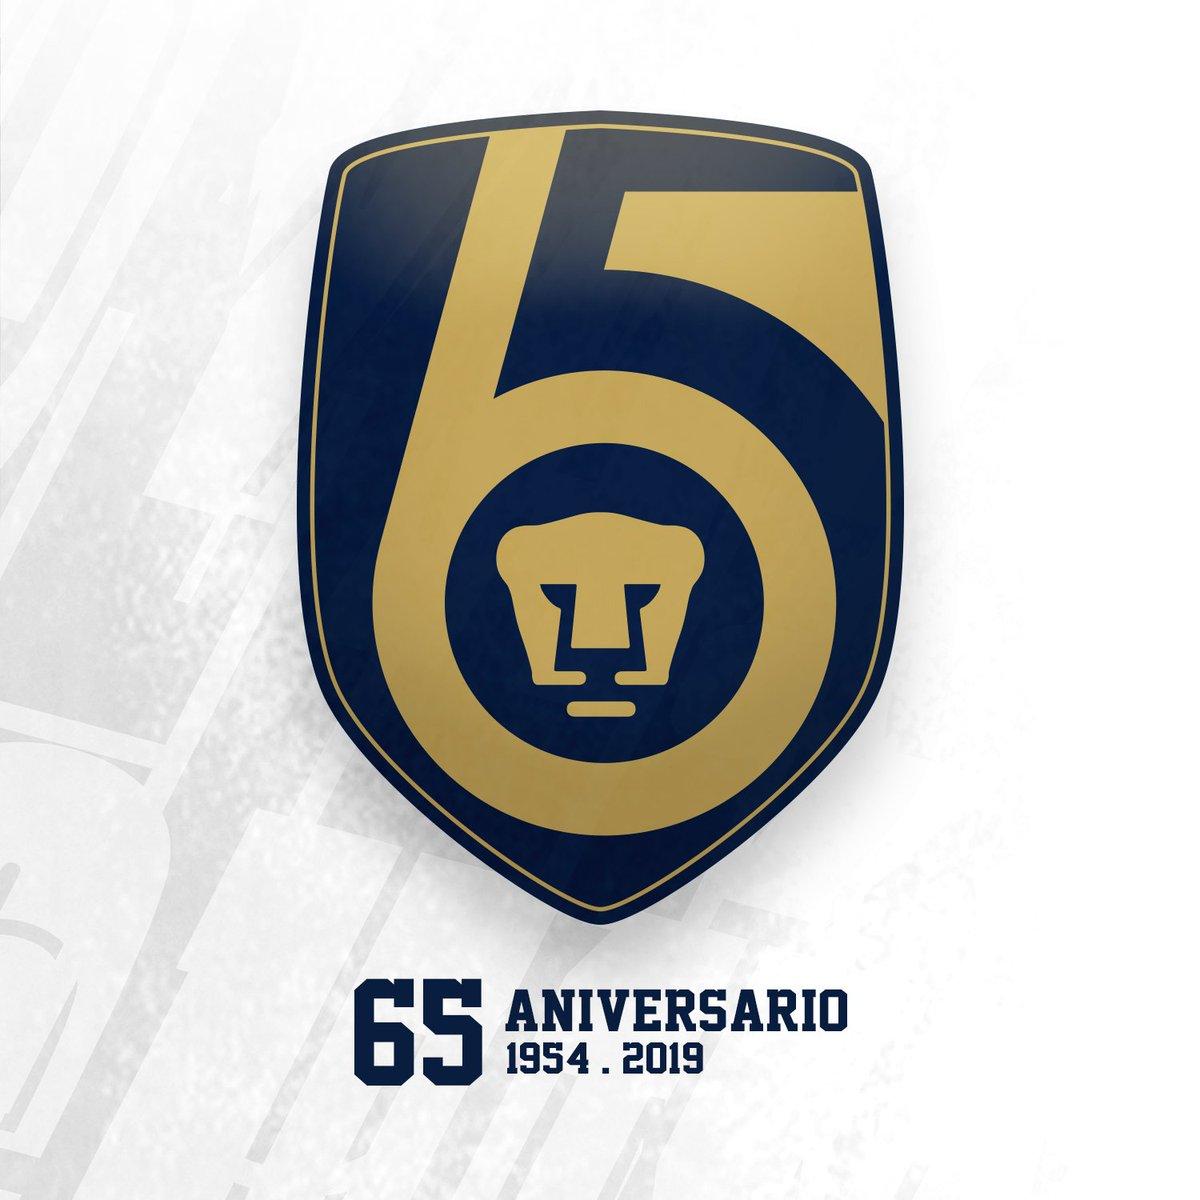 65 años de entrega, de pasión y de portar con orgullo el azul y oro. ¡Gracias a todos los que han formado parte de nuestra gran historia!  ¡México, Pumas, Universidad! ¡Goya!  #Pumas65 #SoyDePumas https://t.co/vcd31uAeHg